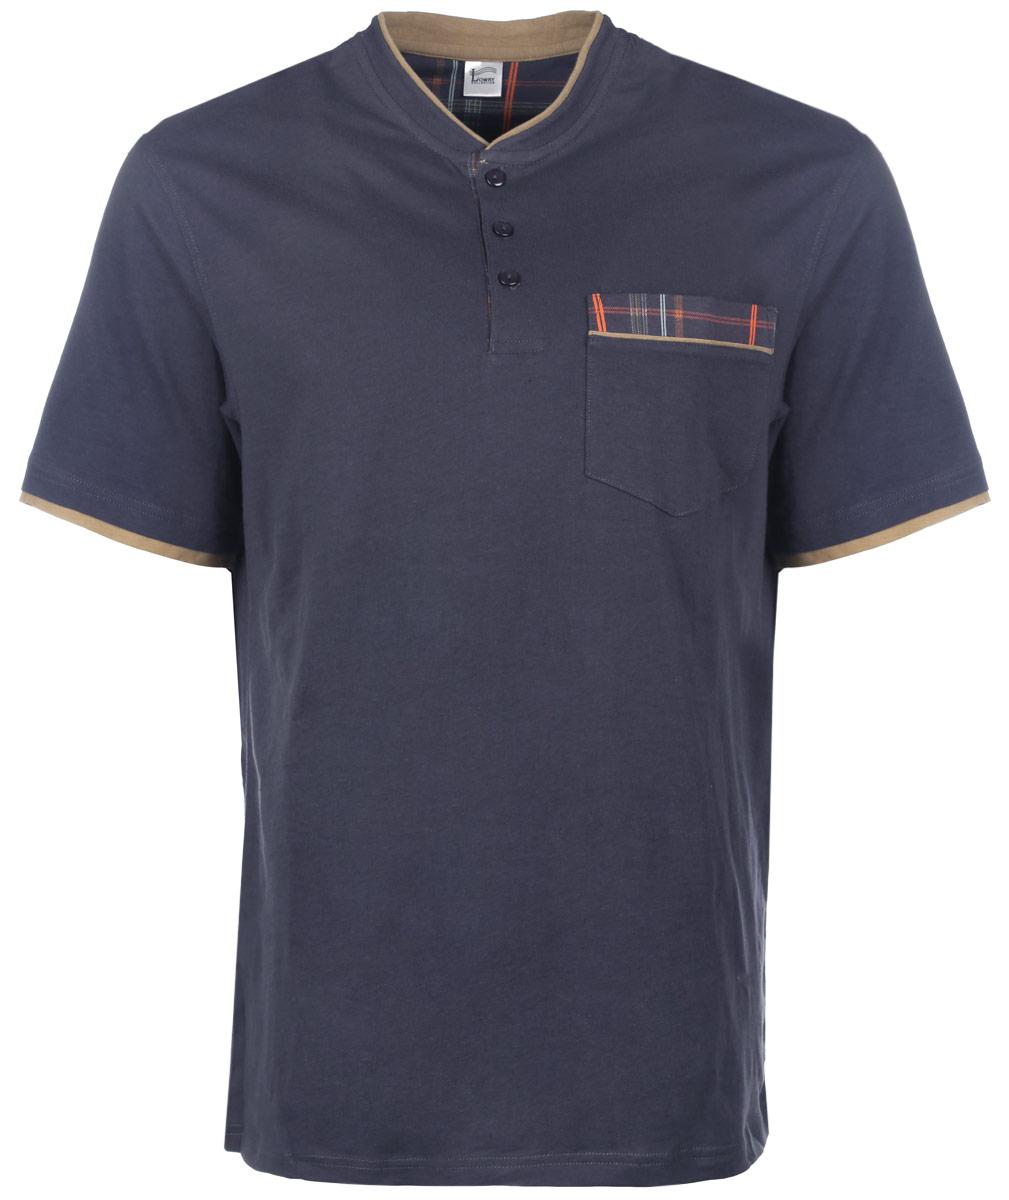 Футболка мужская Lowry, цвет: темно-синий. MF-66. Размер M (46)MF-66Отличная мужская футболка Lowry, выполненная из натурального хлопка, обладает высокой теплопроводностью, воздухопроницаемостью и гигроскопичностью, позволяет коже дышать. Модель прямого покроя с воротником-стойкой и короткими рукавами. Спереди футболка дополнена застежкой на три пуговицы. Горловина и низ рукавов дополнены контрастными вставками. Спереди изделие дополнено небольшим накладным карманом. Такая футболка подарит вам комфорт в течение всего дня.